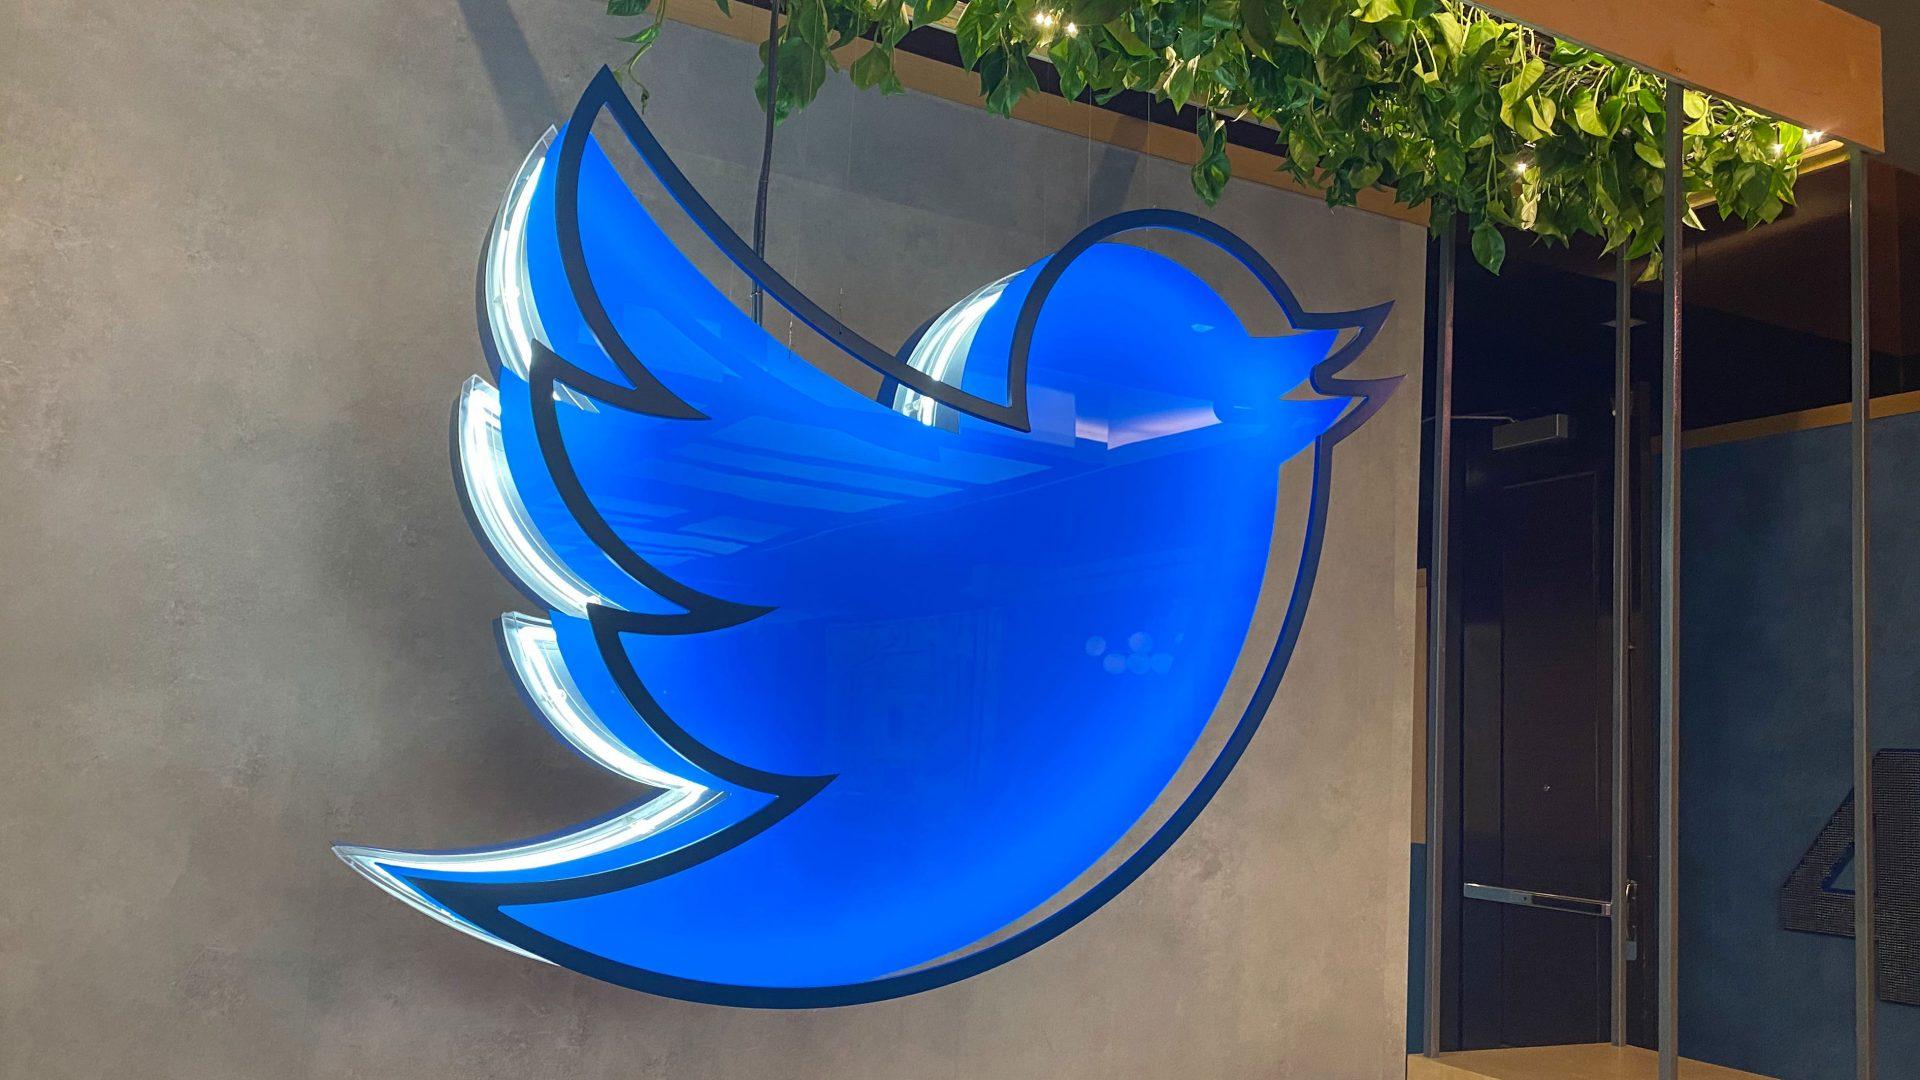 Twitter a vrut mai multă transparență în privința informațiilor furnizate autorităților. Un judecător nu i-a dat dreptate